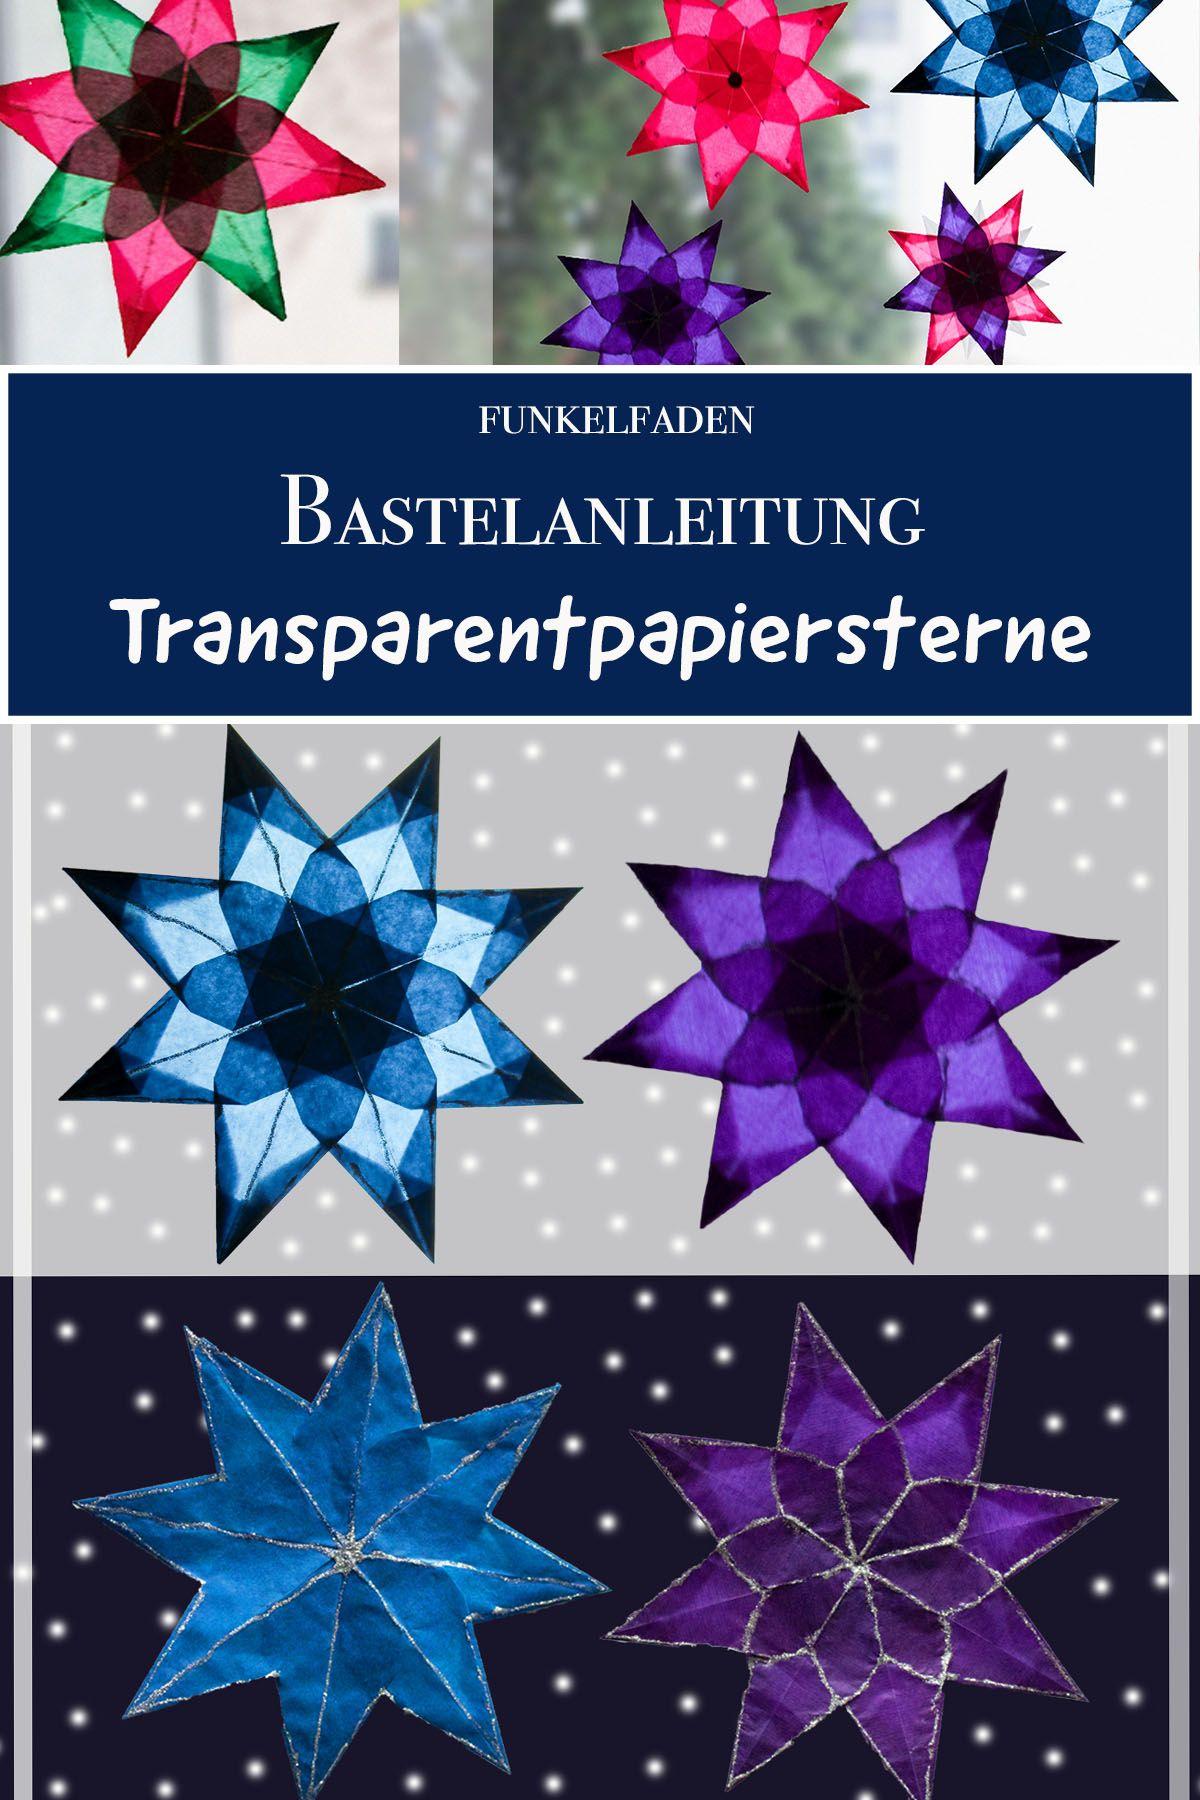 Anleitung - Sterne aus Transparentpapier basteln mit Kindern